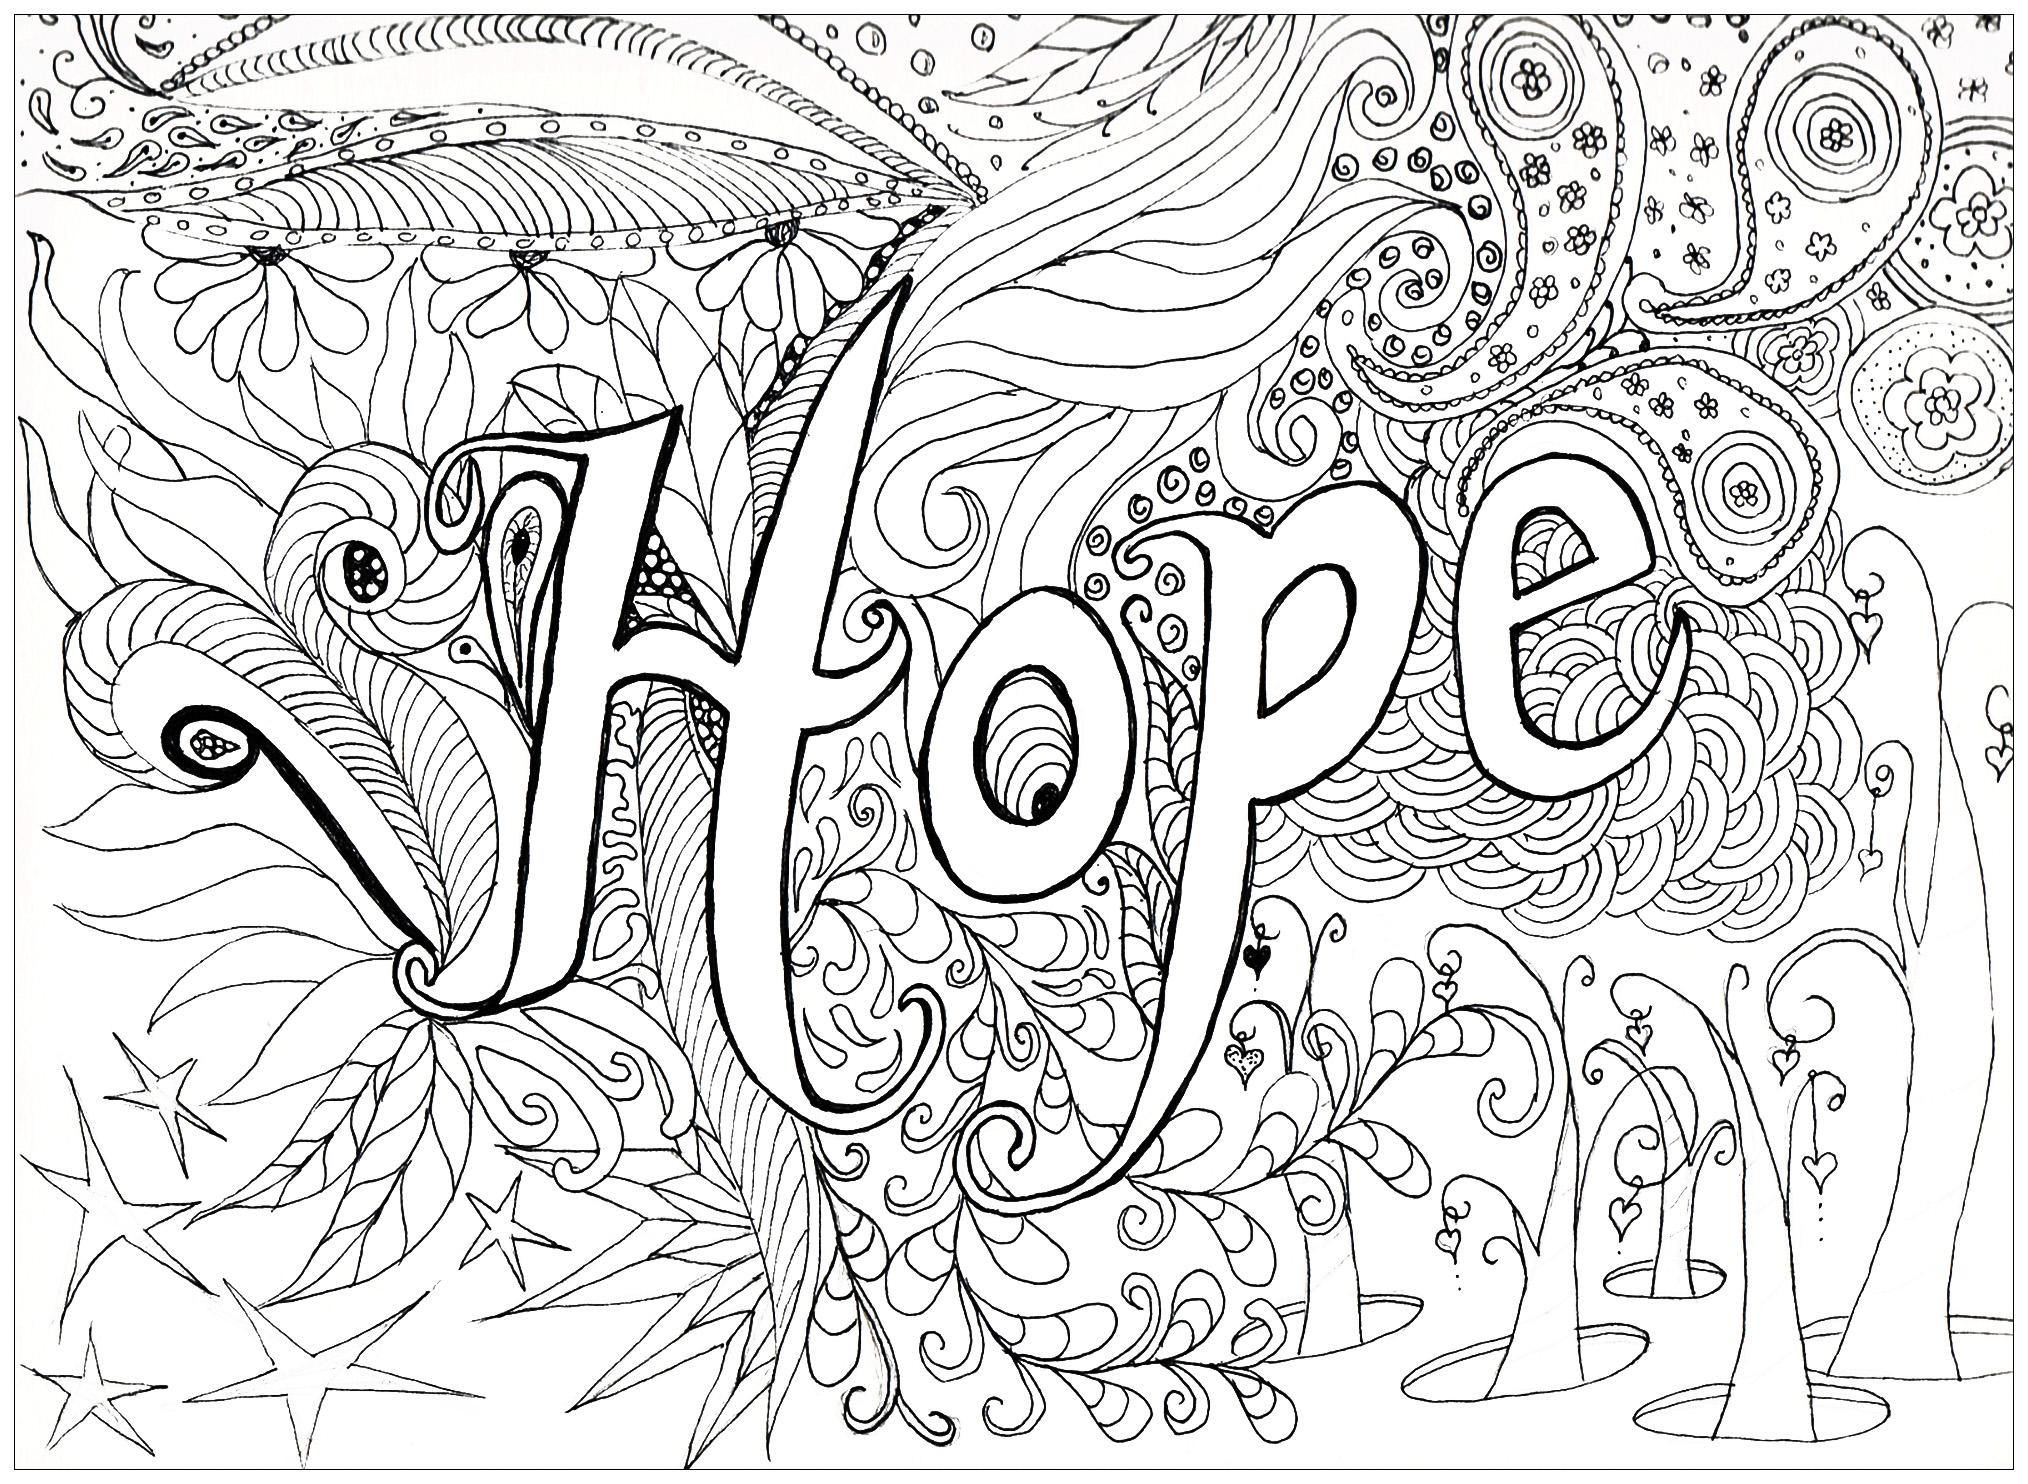 HopeA partir de la galerie : Anti Stress